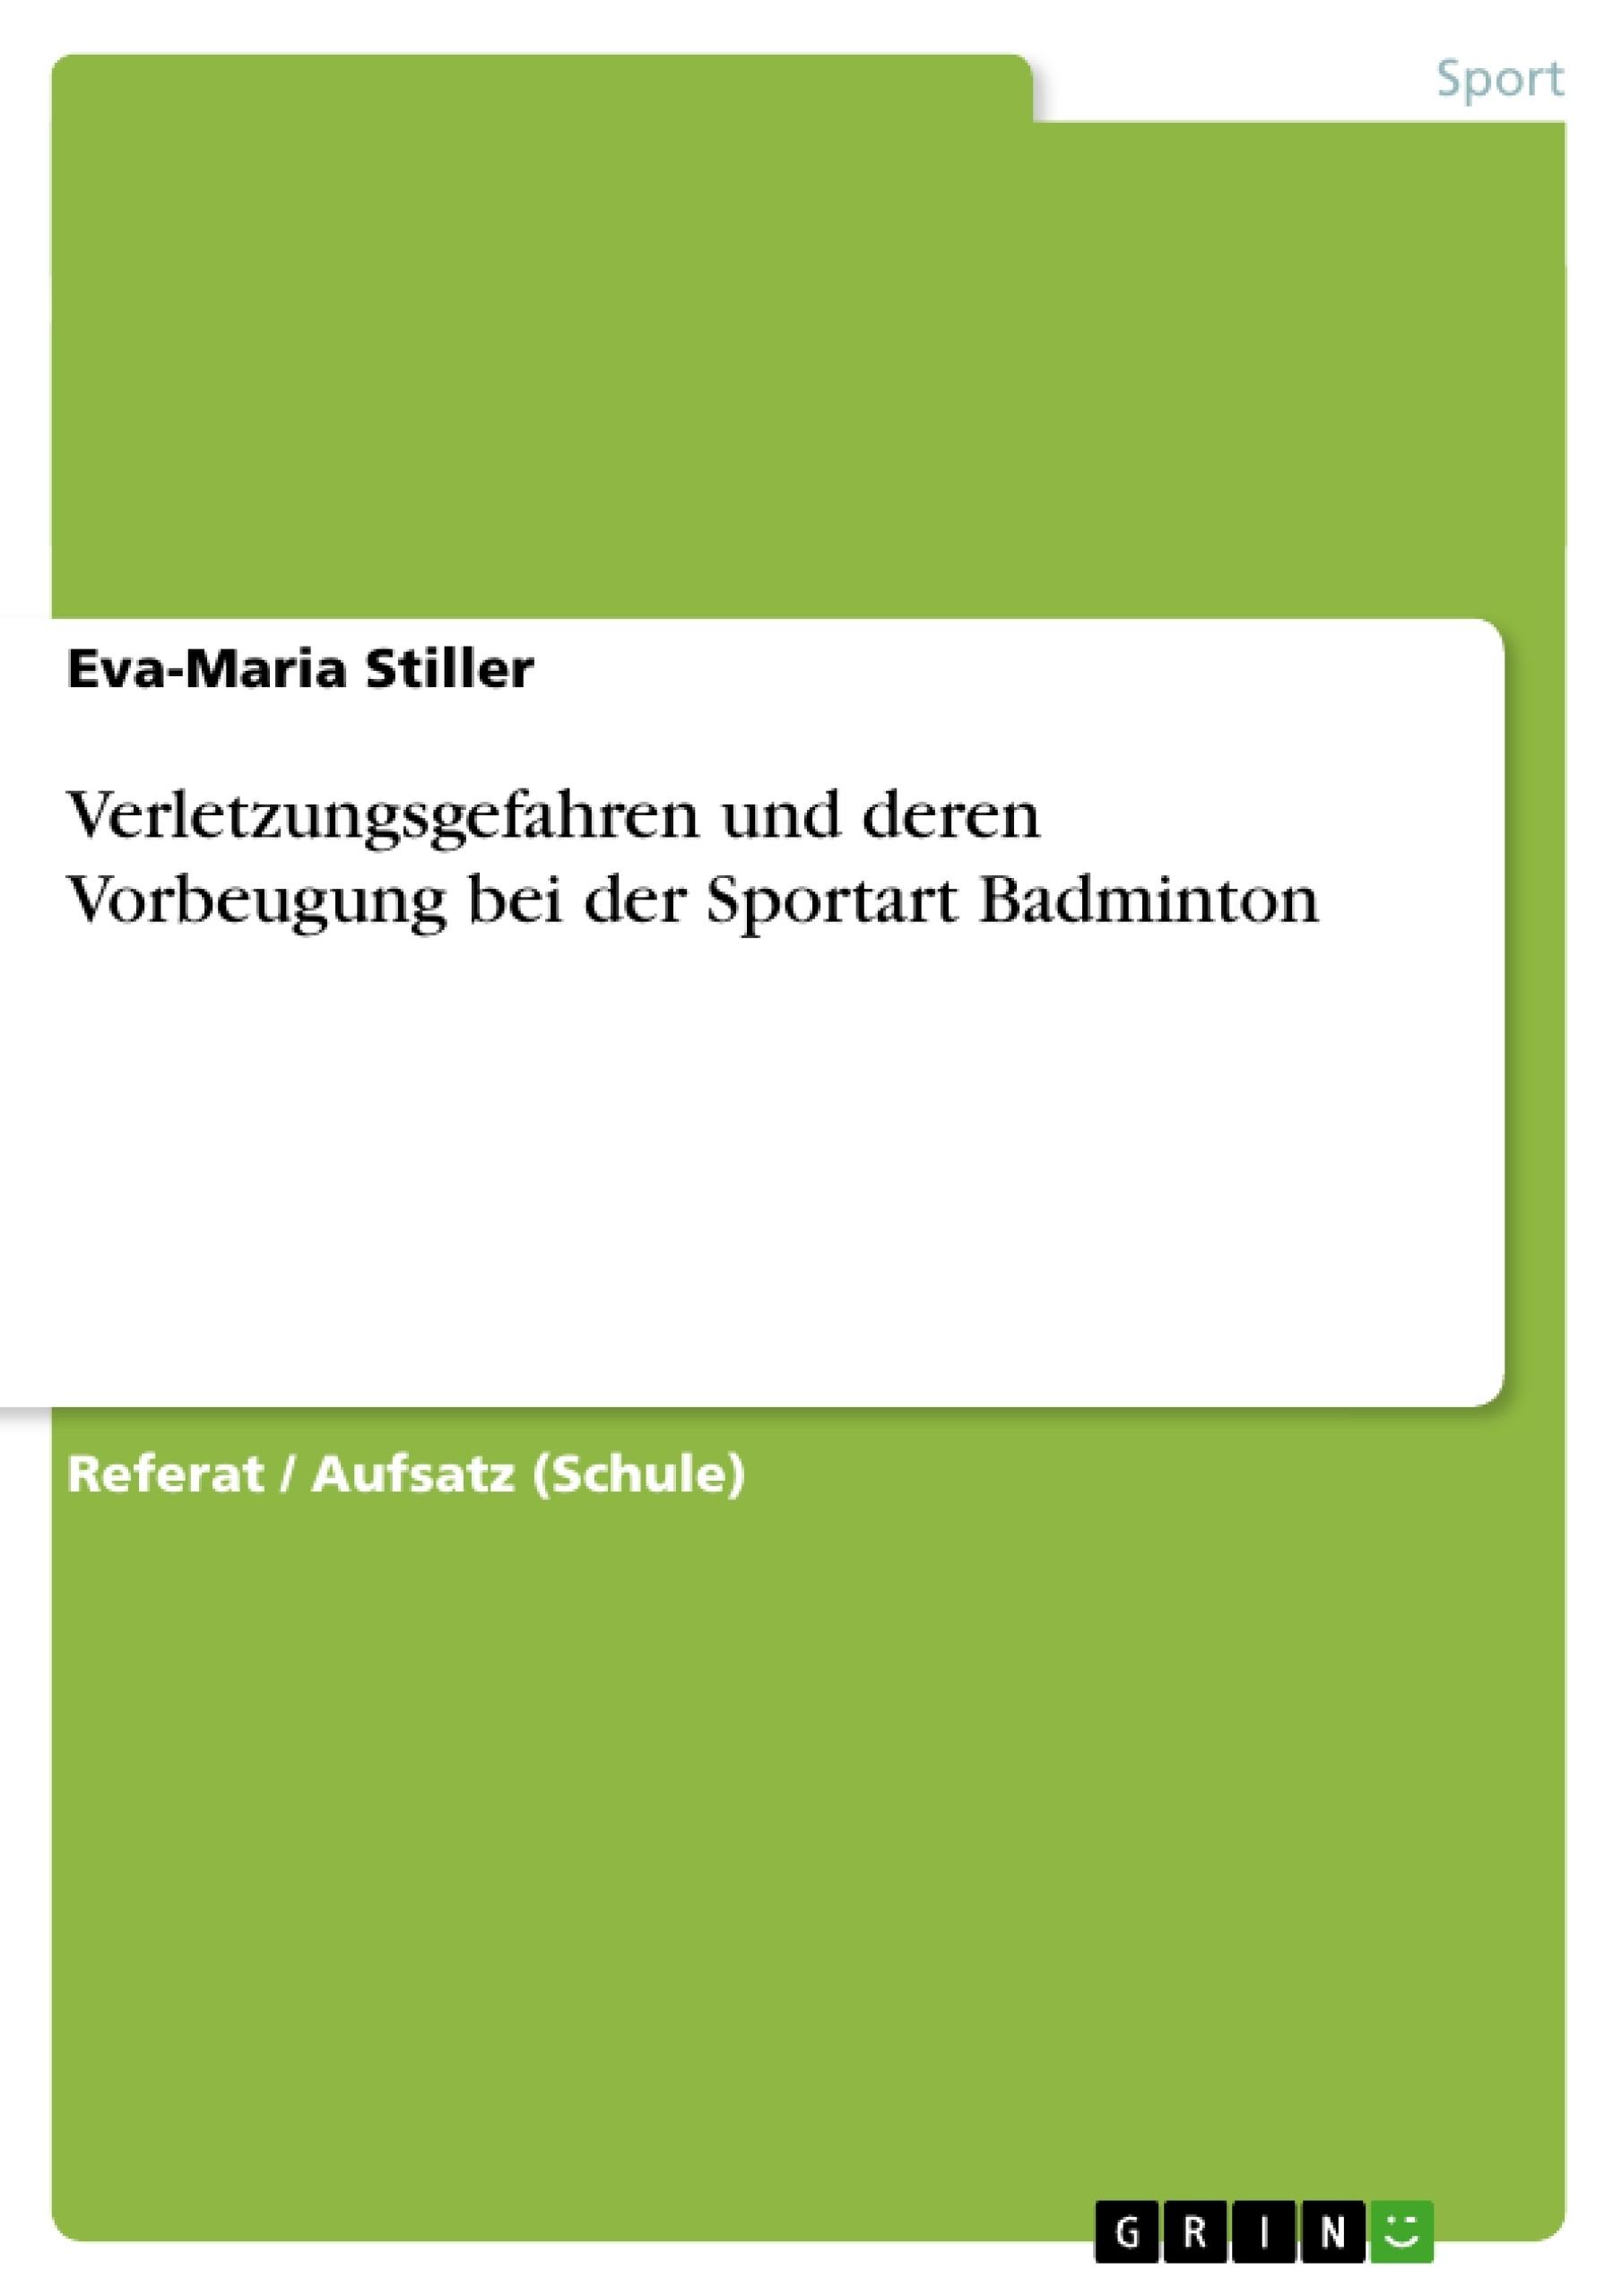 Titel: Verletzungsgefahren und deren Vorbeugung bei der Sportart Badminton